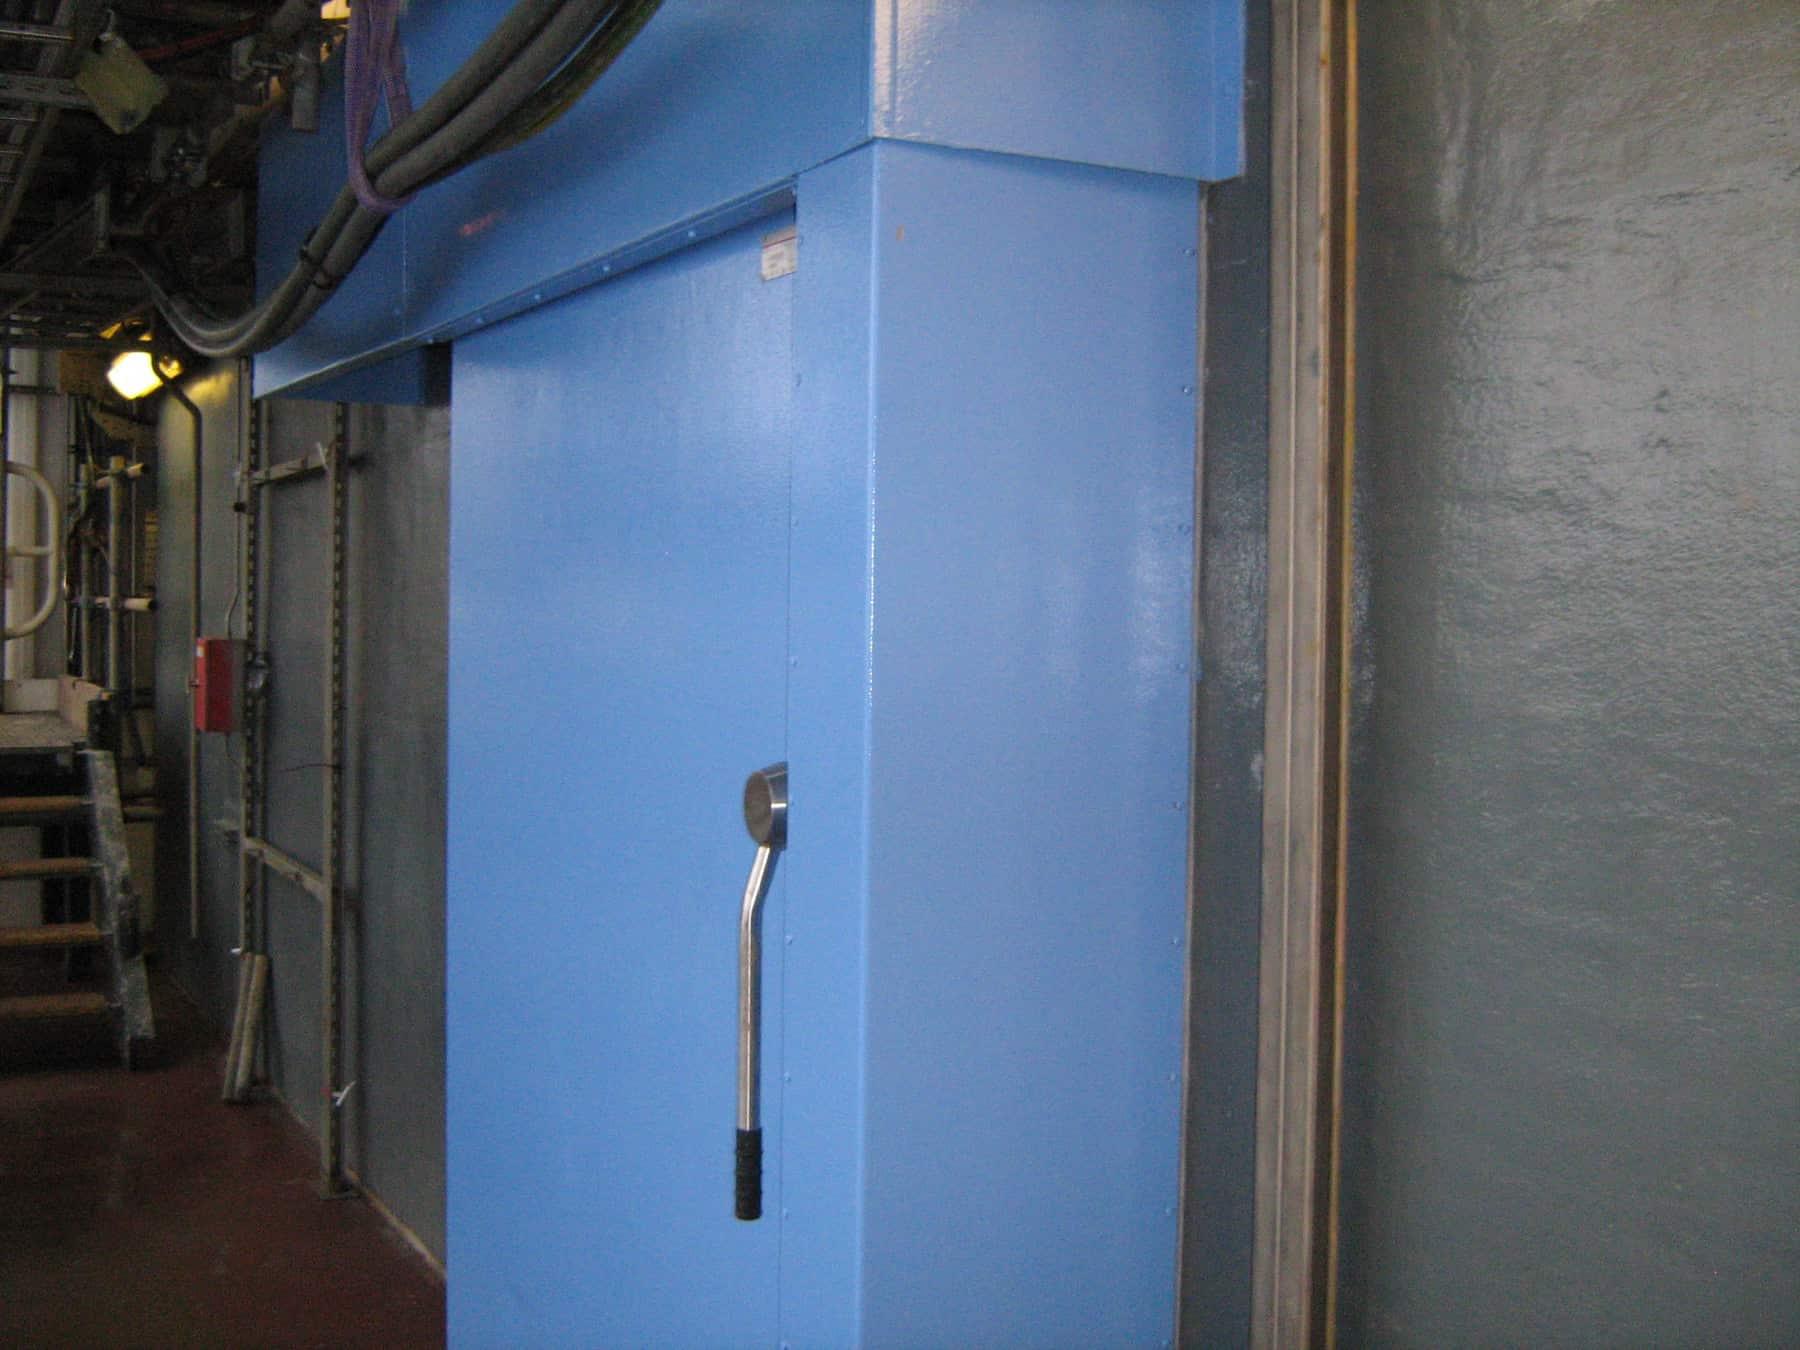 external door on offshore platform painted in blue